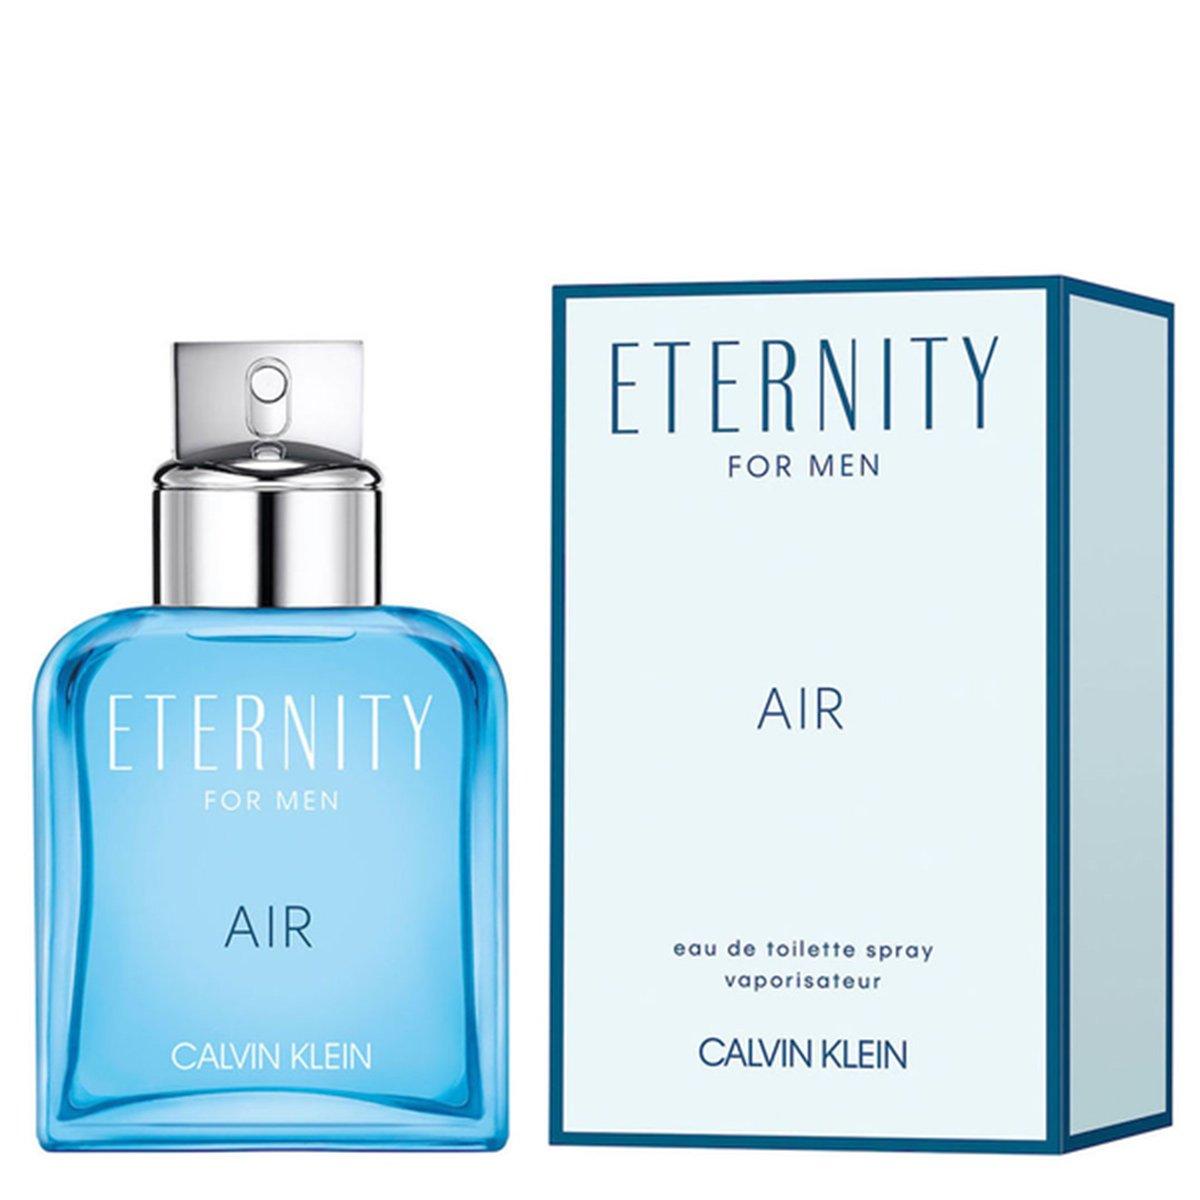 67e822a39 Perfume Calvin Klein Eternity Air Men EDT Masculino 30ml - Incolor - Compre  Agora